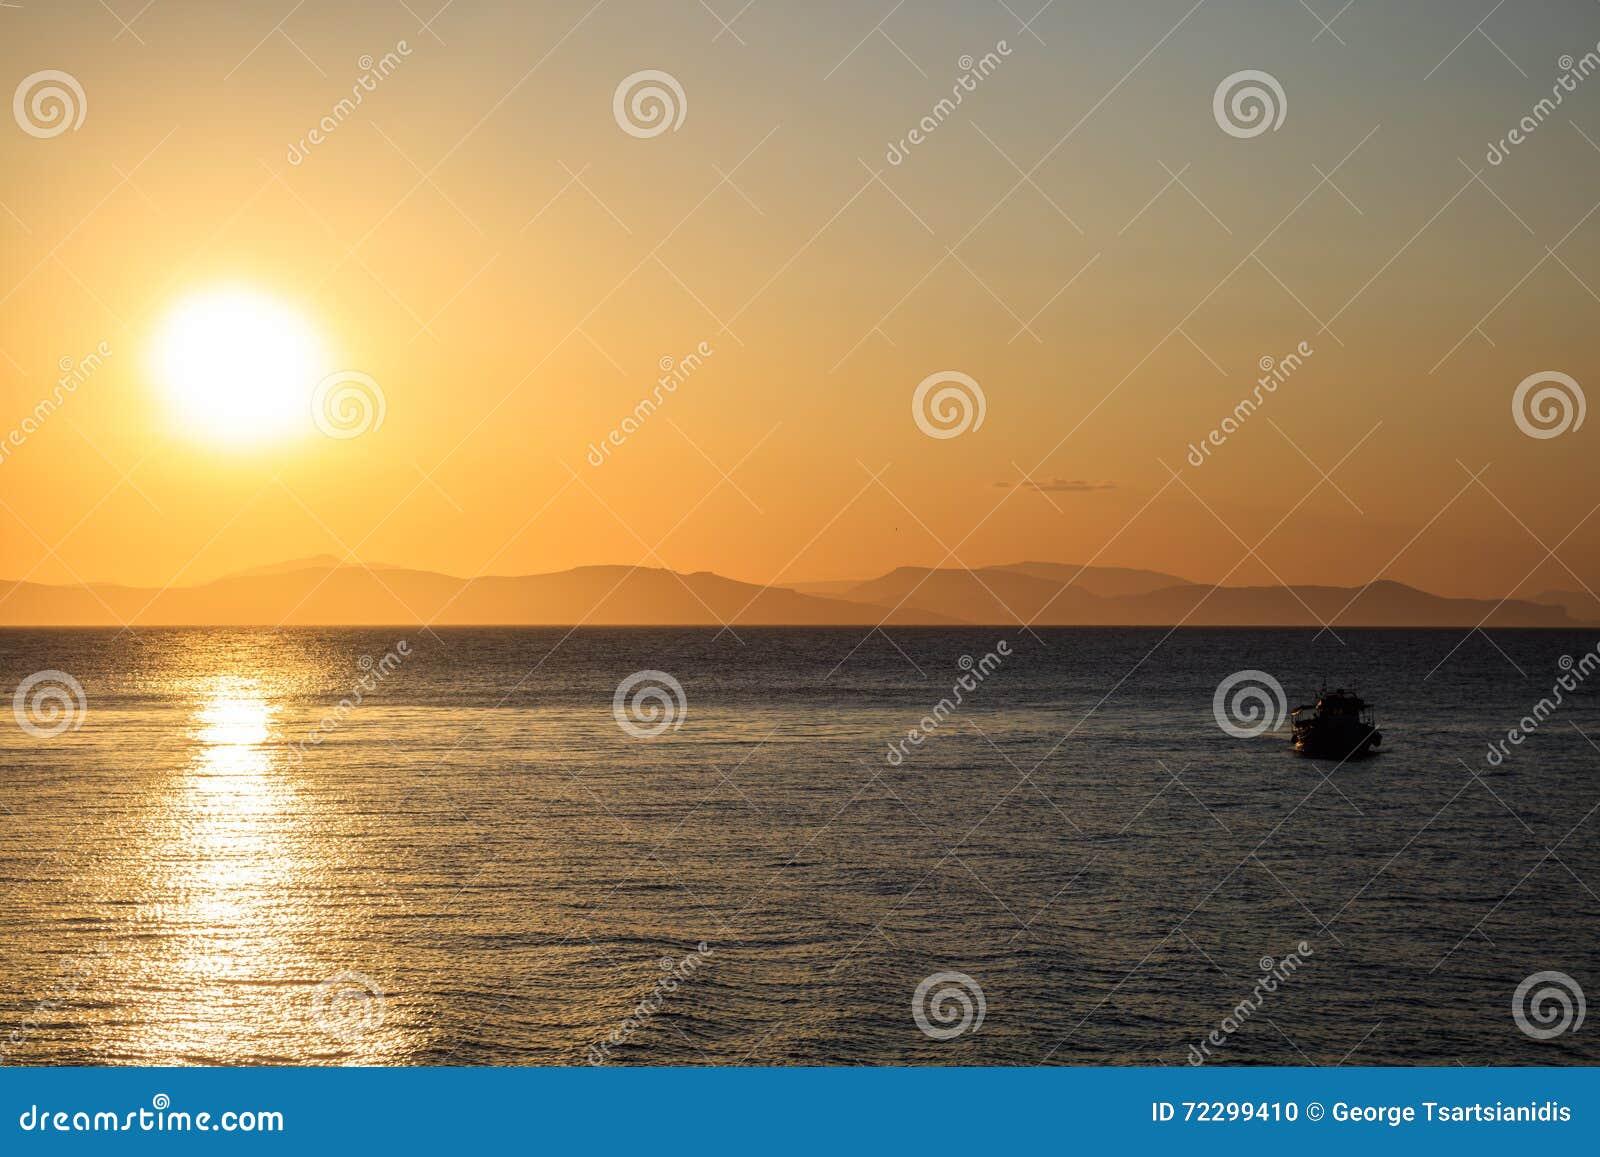 Download Плавание шлюпки на неподвижной воде в солнечном свете Стоковое Фото - изображение насчитывающей небо, путь: 72299410